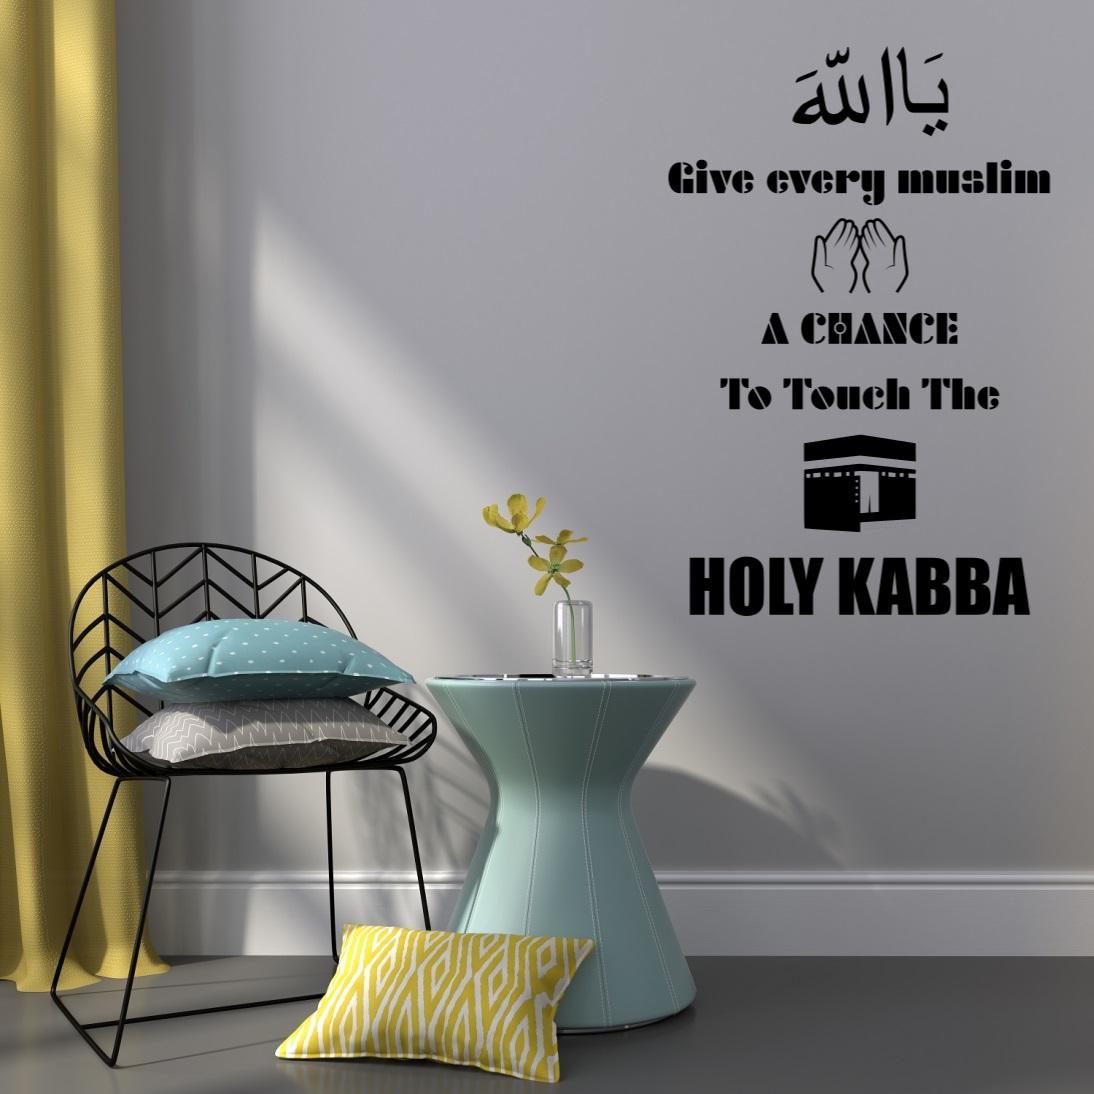 Ya Allah - Hajj Chance Holy Kabba - Muslims Islamic Wall Sticker